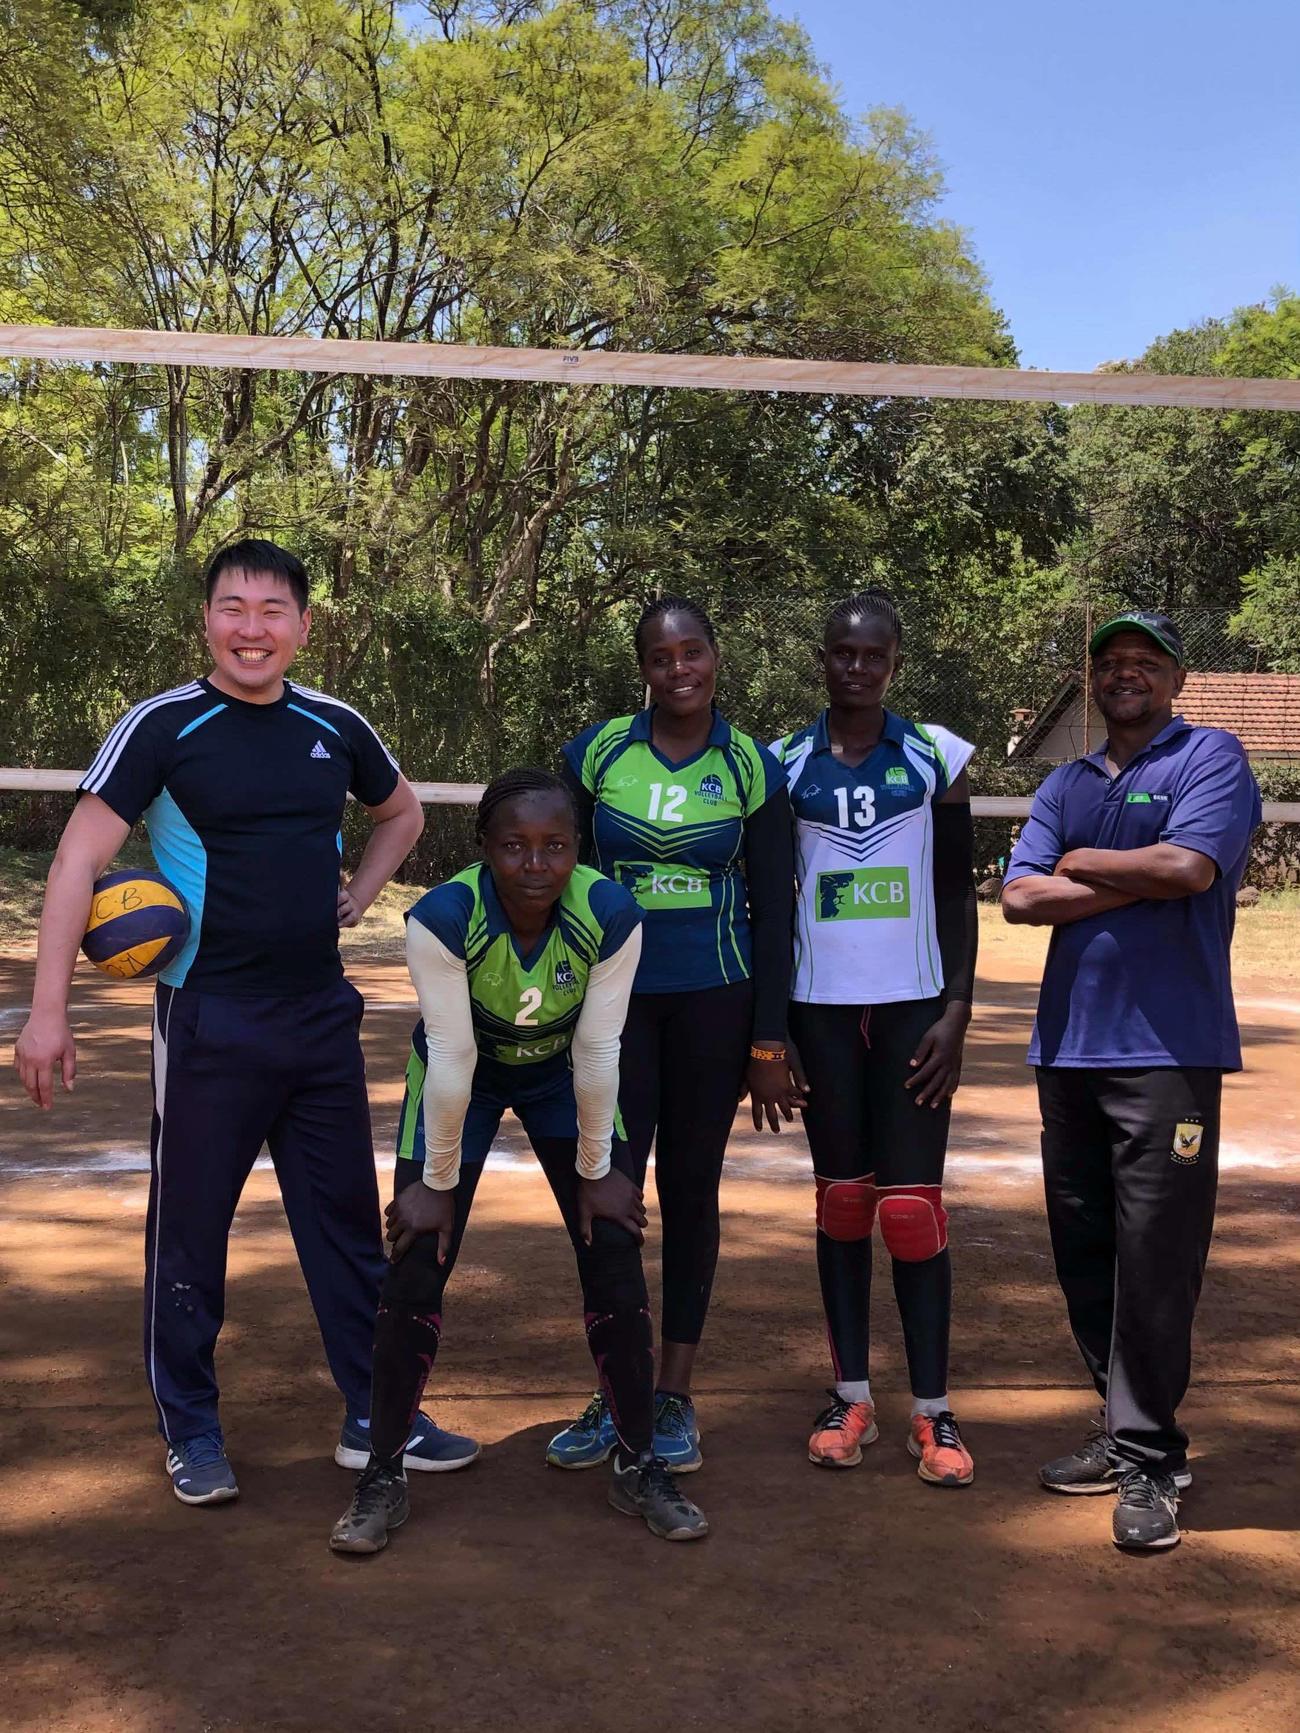 ケニアバレーボール女子代表候補選手と再会し、笑顔を浮かべる片桐さん(左)